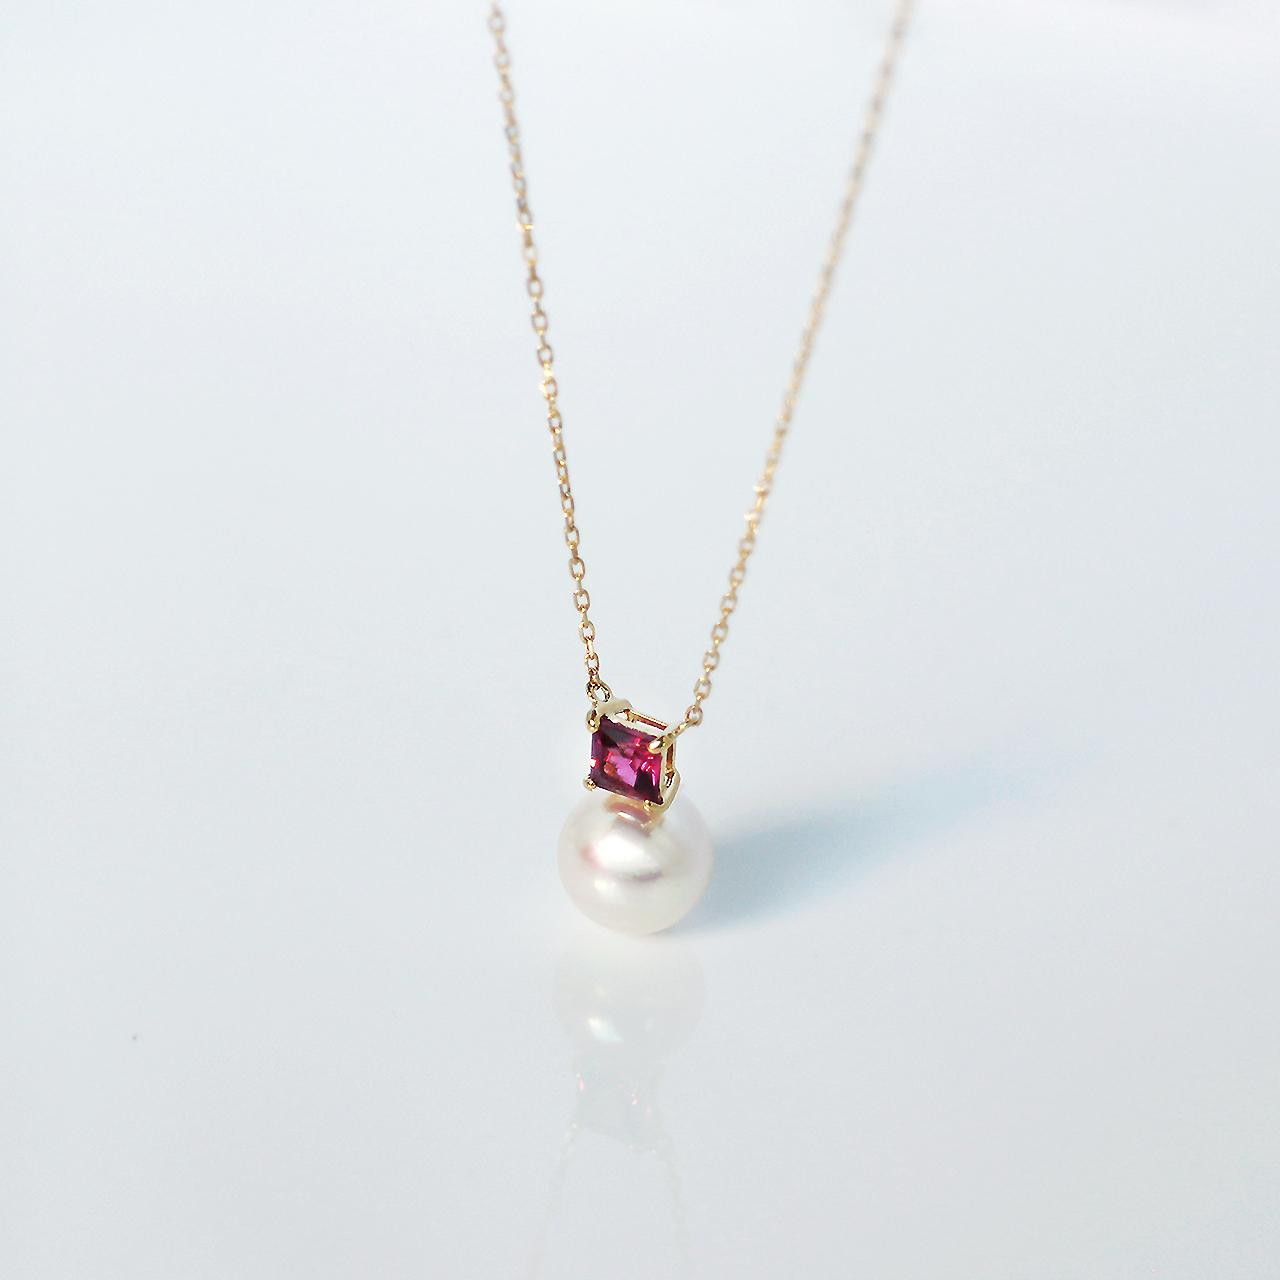 ELEMENTS / Necklace (Rhodolite Garnet)